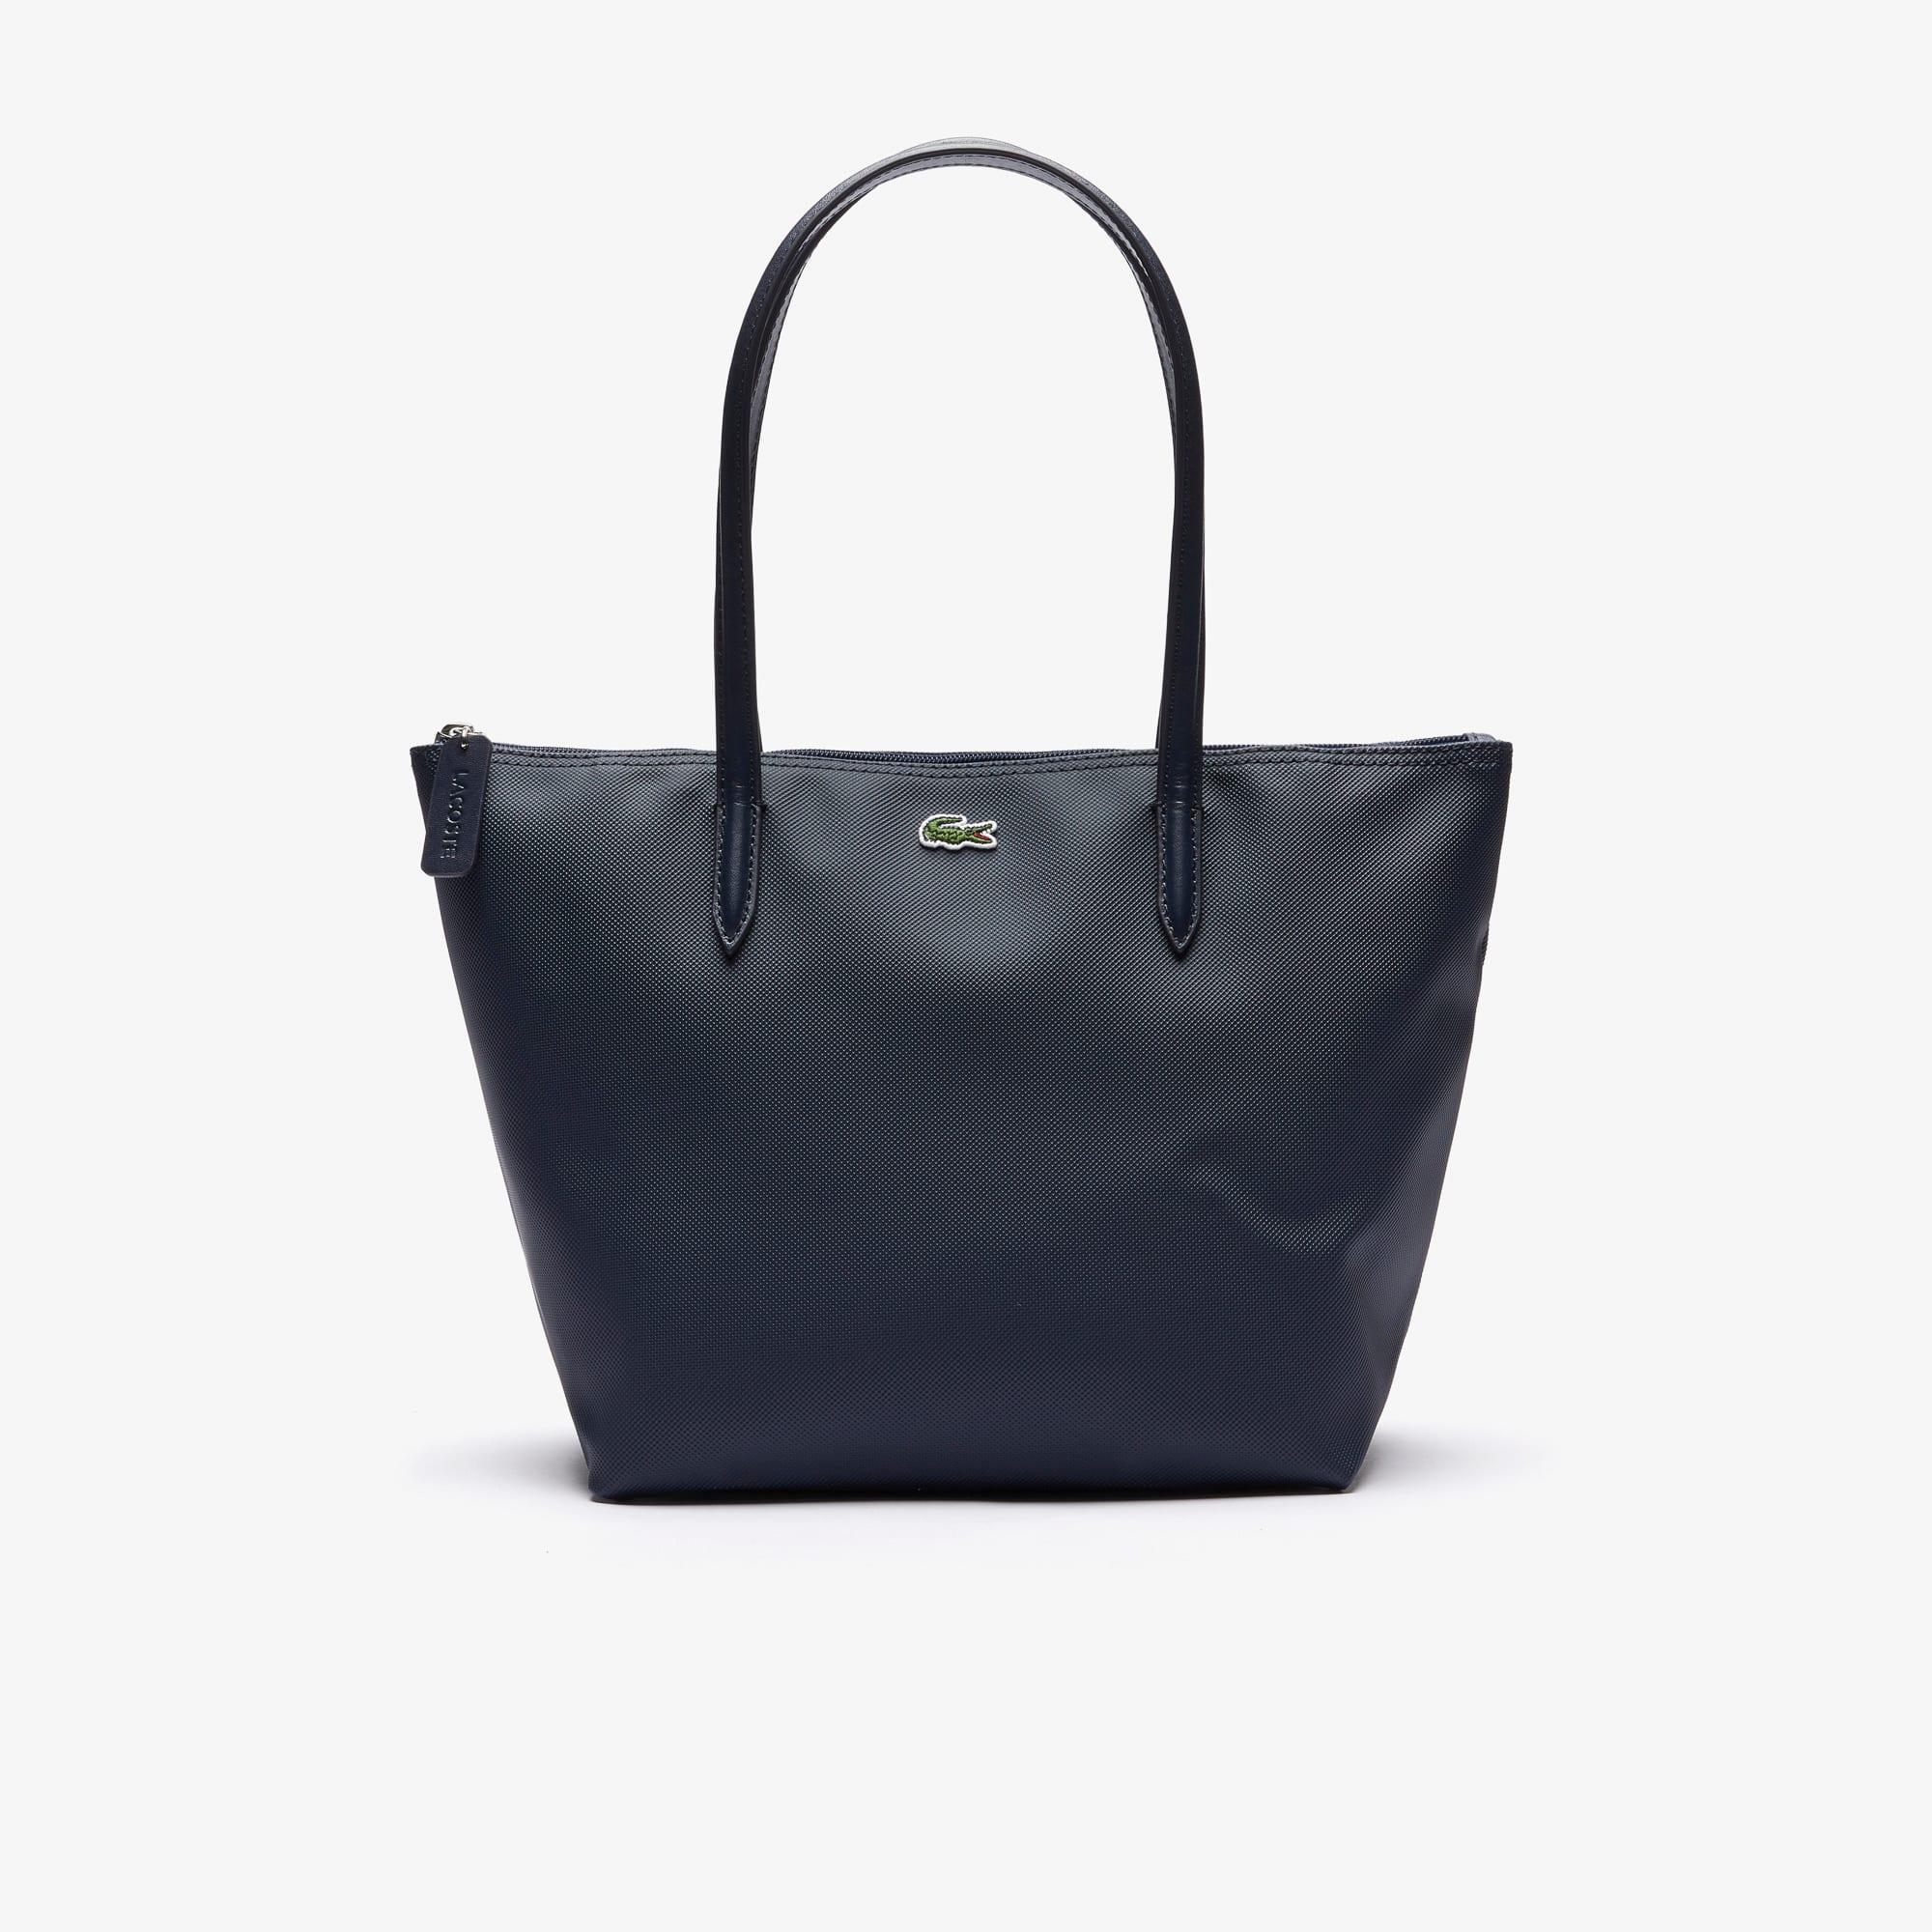 90b7c34de Colección de bolsos y bolsos de mano | Marroquinería para mujer ...